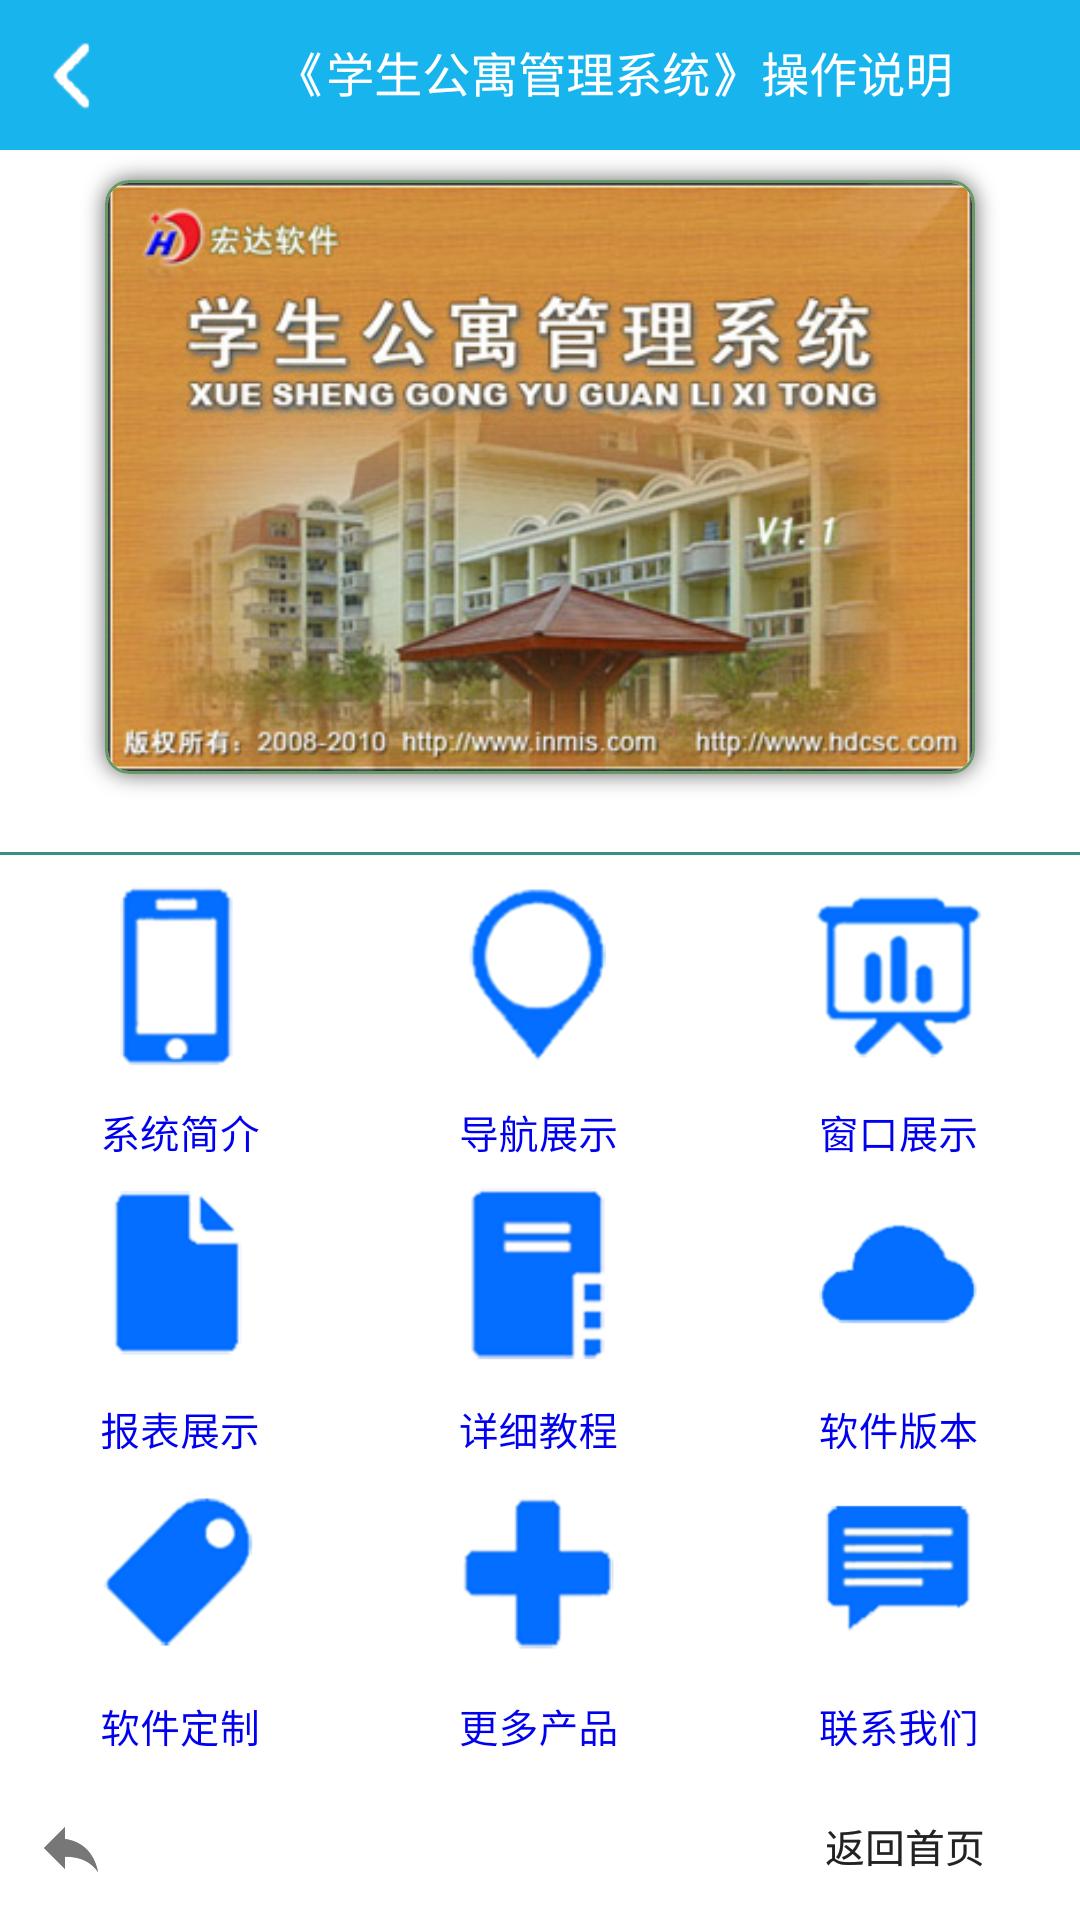 学校公寓管理系统截图